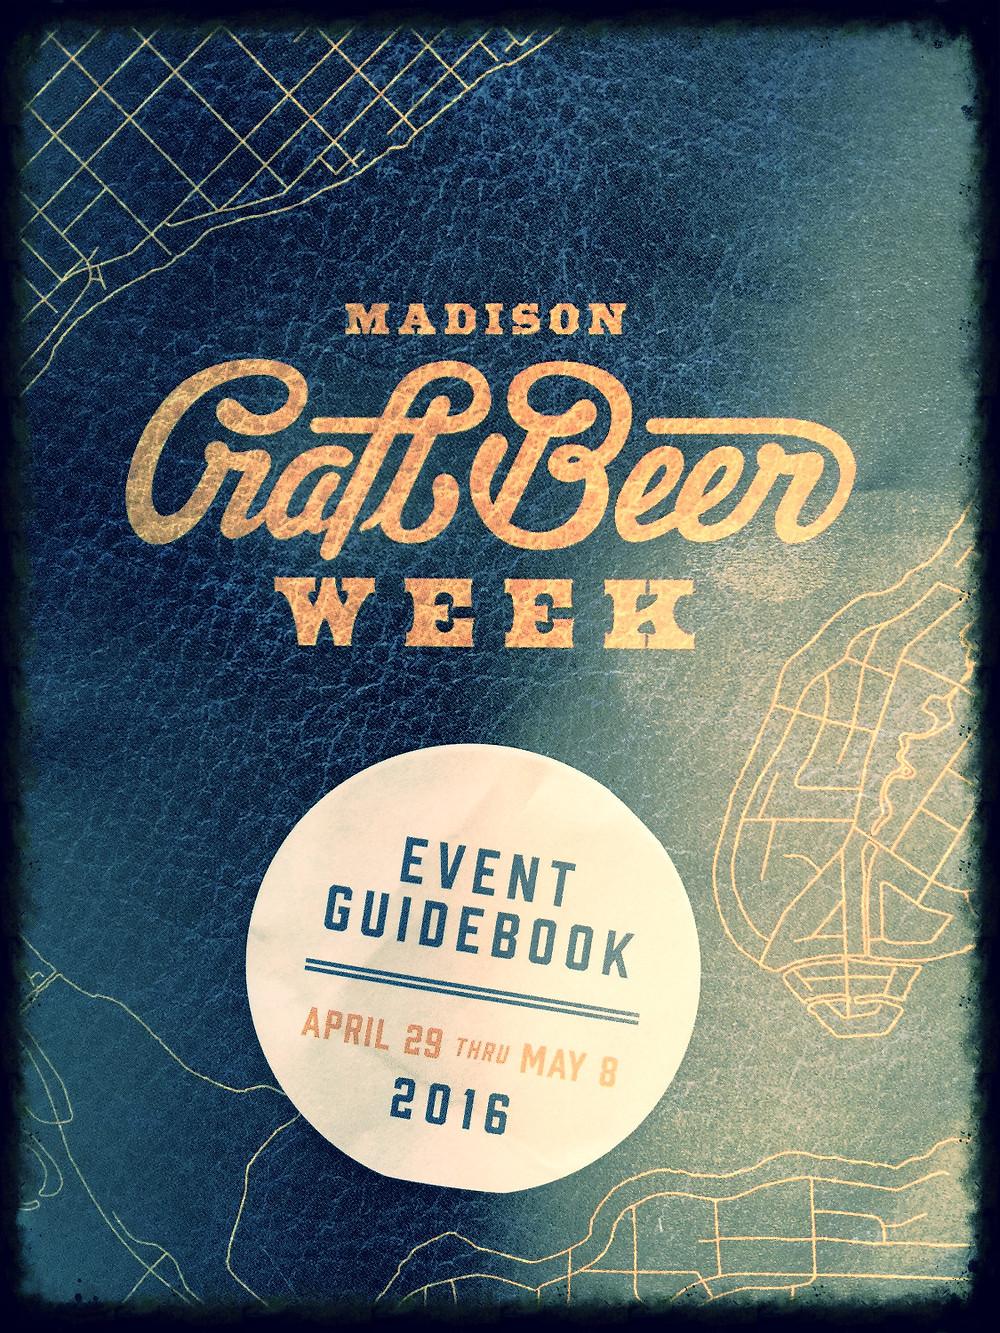 Madison Craft Beer Week Event Guidebook 2016